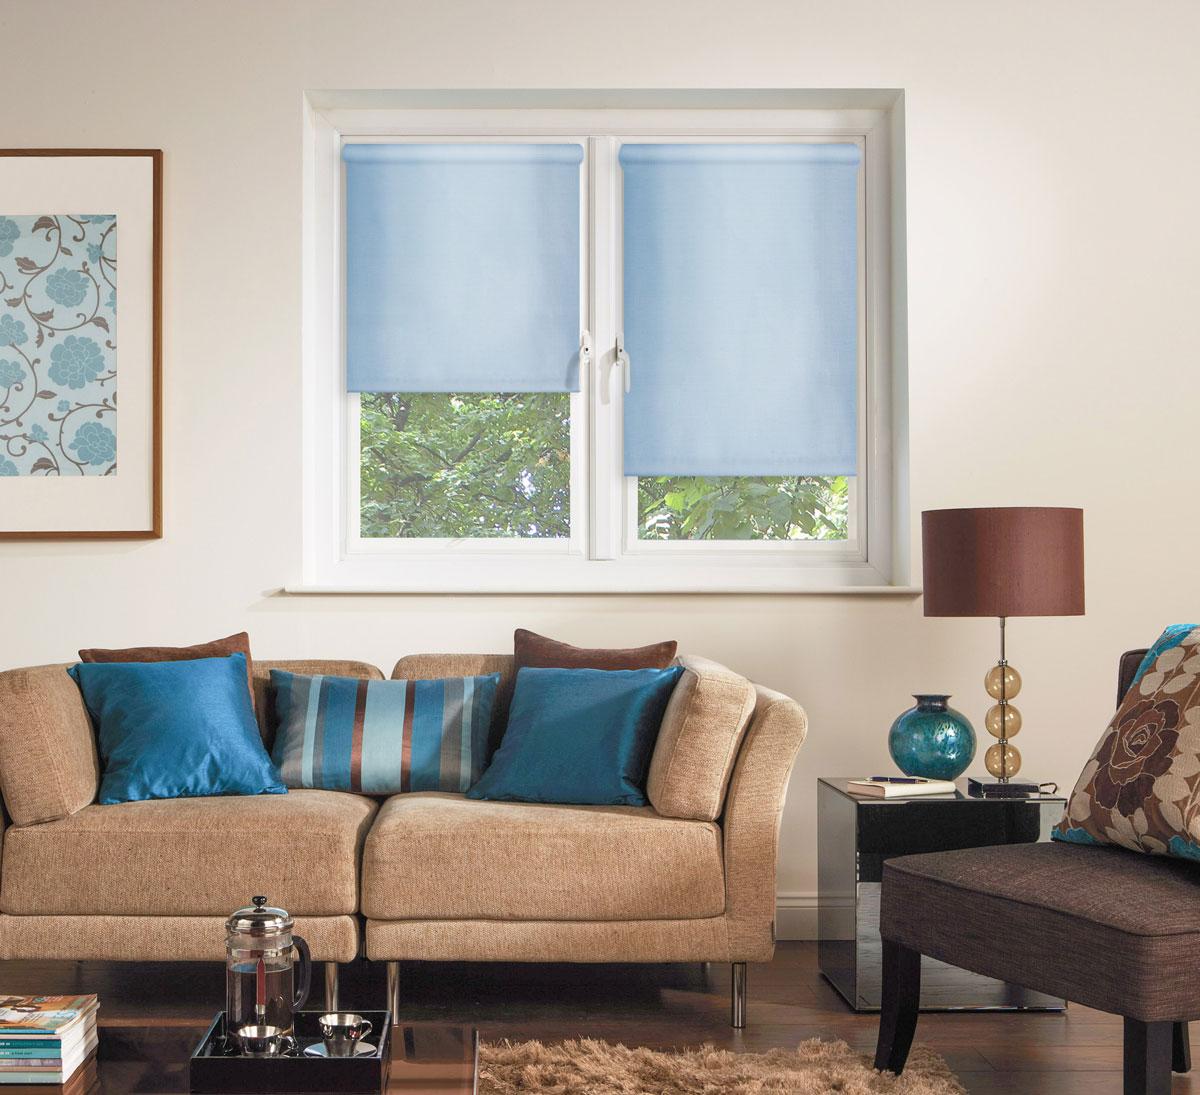 Штора рулонная KauffOrt Миниролло, цвет: голубой, ширина 57 см, высота 170 см3057005Рулонная штора Миниролло выполнена из высокопрочной ткани, которая сохраняет свой размер даже при намокании. Ткань не выцветает и обладает отличной цветоустойчивостью. Миниролло - это подвид рулонных штор, который закрывает не весь оконный проем, а непосредственно само стекло. Такие шторы крепятся на раму без сверления при помощи зажимов или клейкой двухсторонней ленты (в компекте). Окно остается на гарантии, благодаря монтажу без сверления. Такая штора станет прекрасным элементом декора окна и гармонично впишется в интерьер любого помещения.